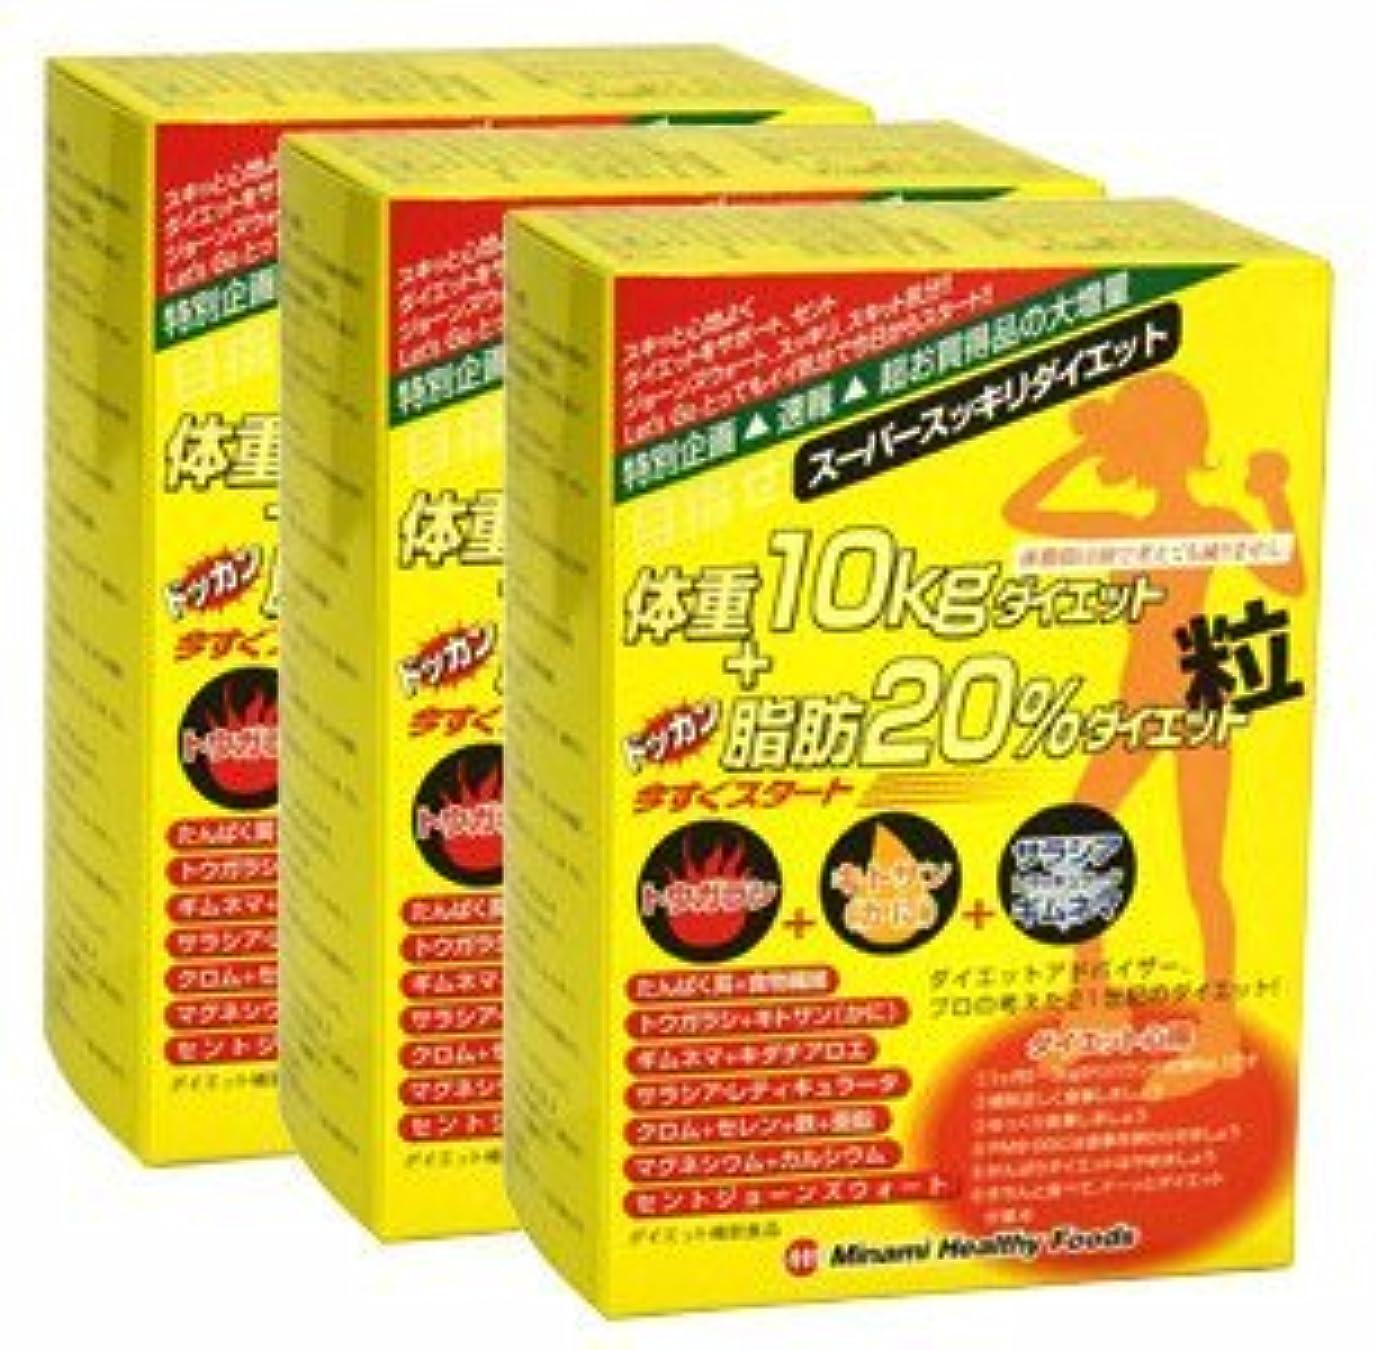 通行人シネマ政治目指せ体重10kg+ドッカン脂肪20%ダイエット粒【3箱セット】ミナミヘルシーフーズ